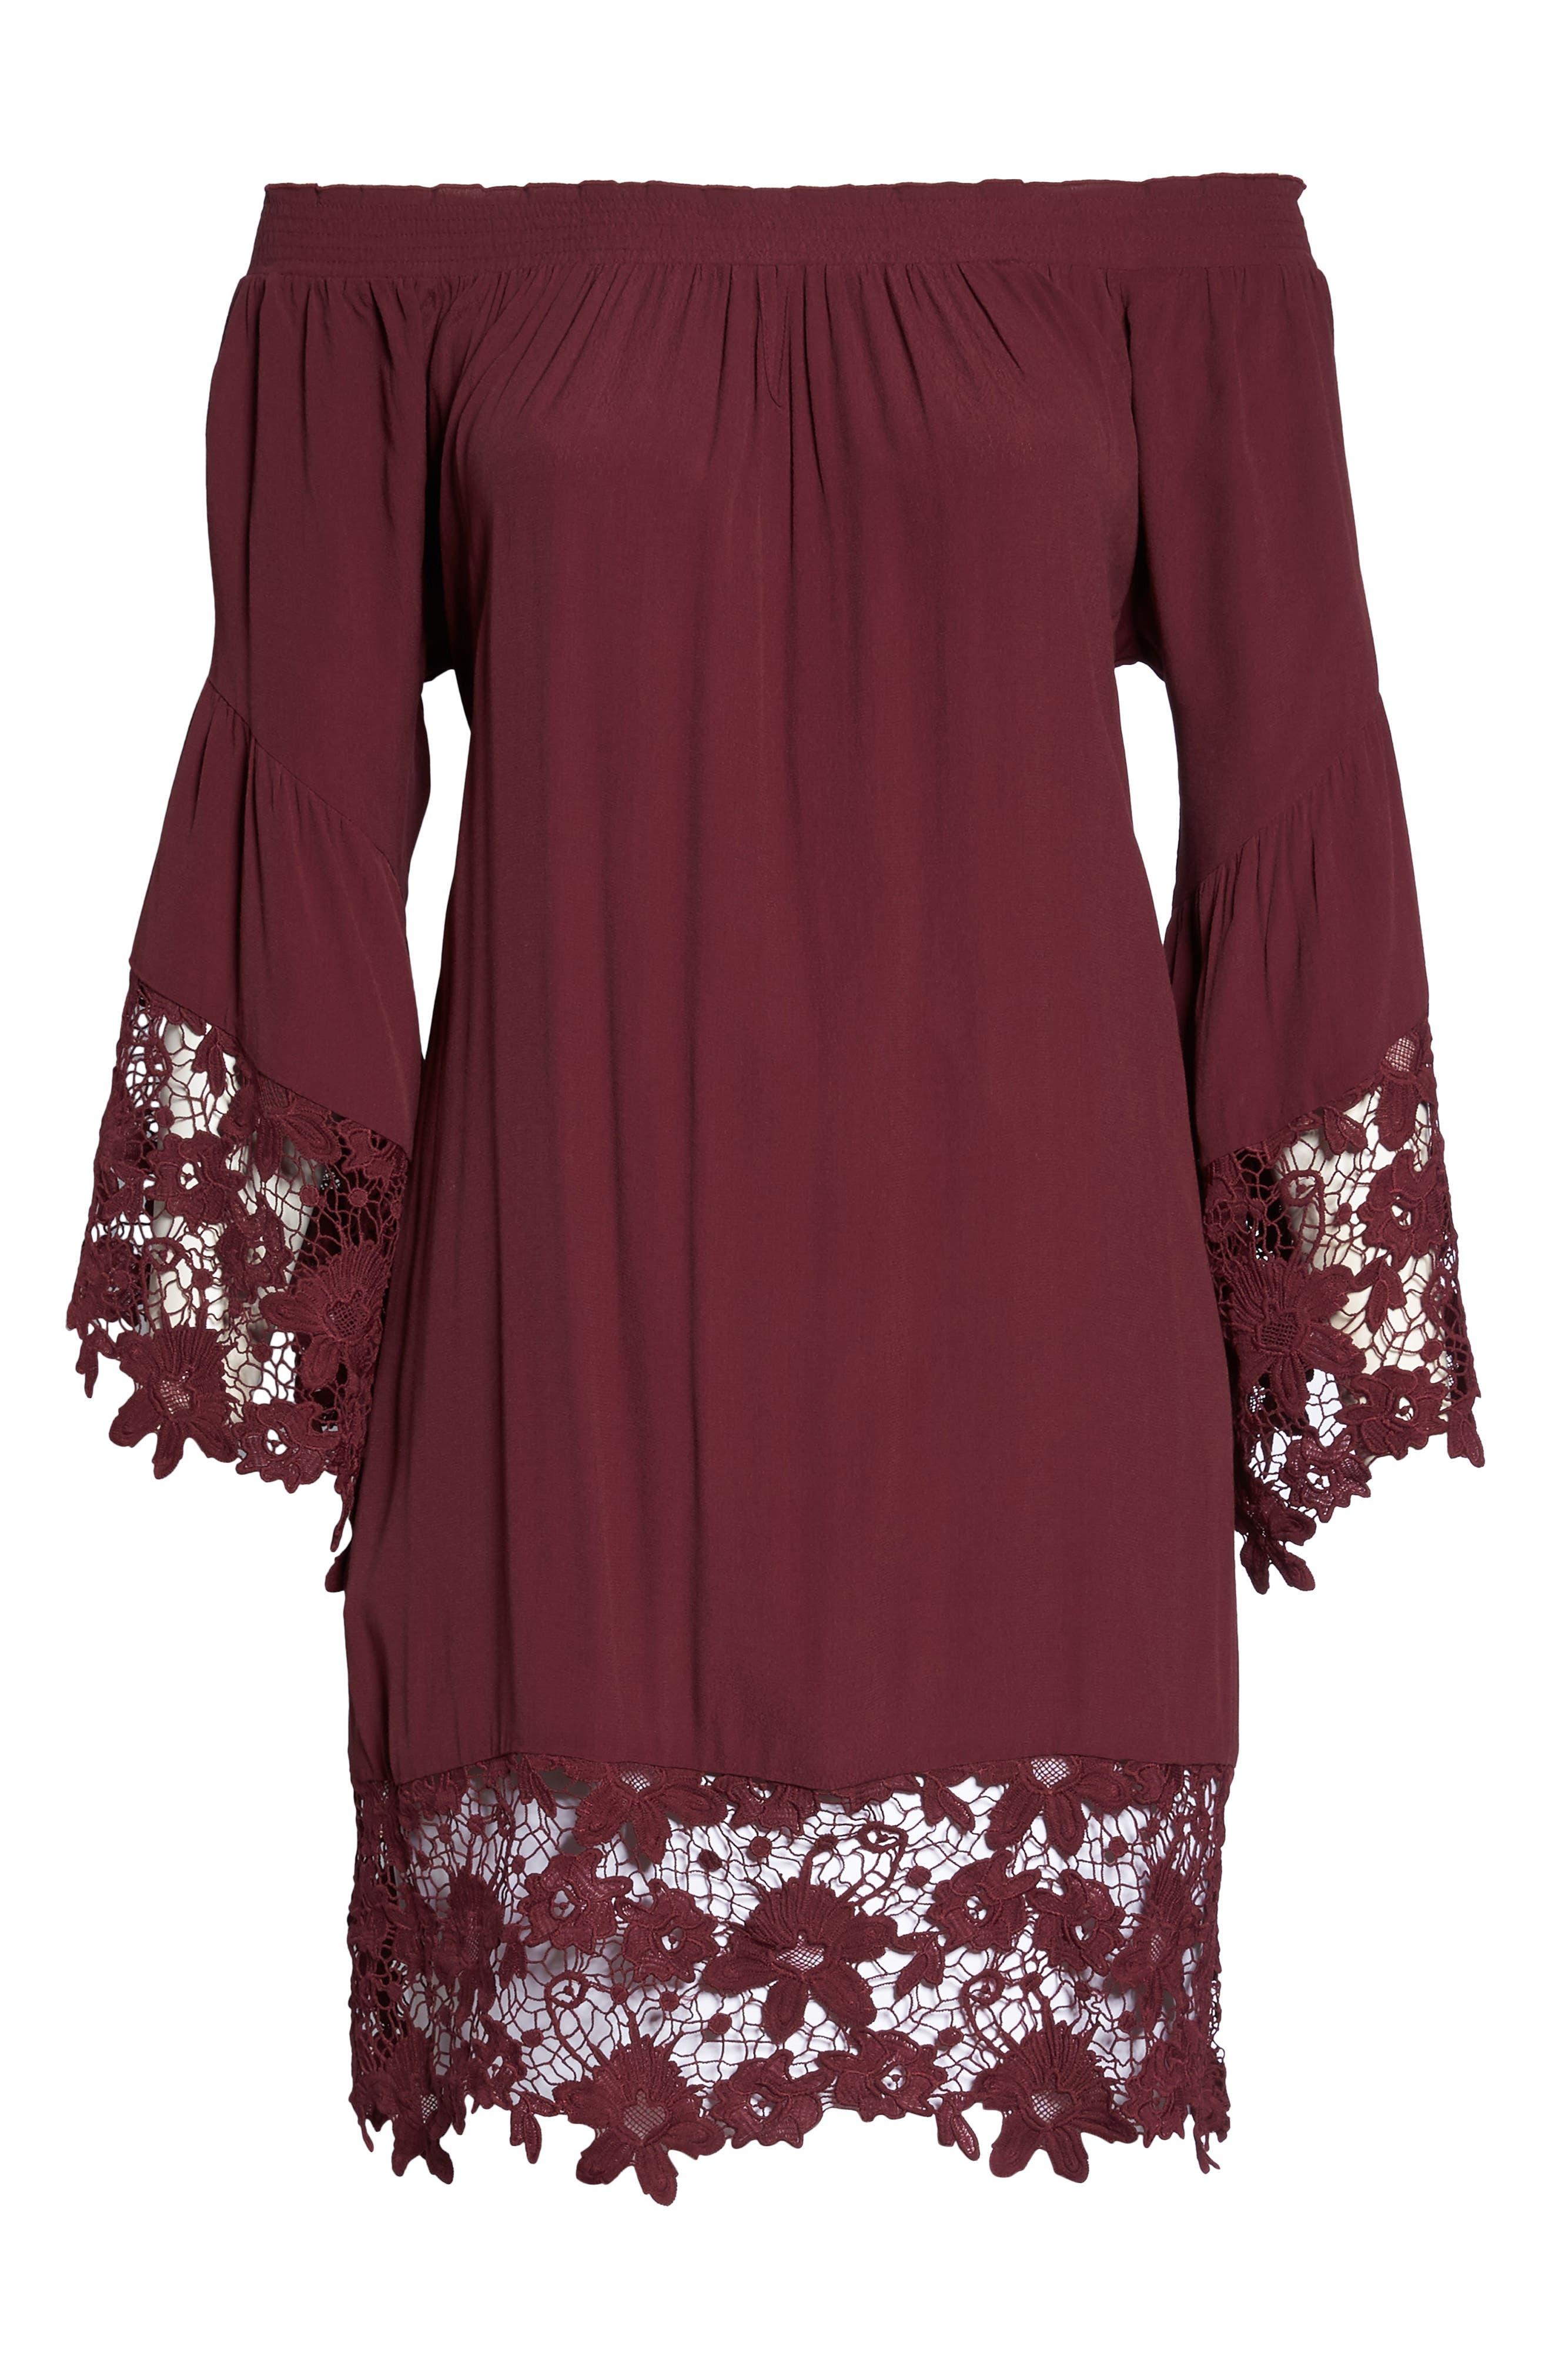 Jolie Lace Accent Cover-Up Dress,                             Alternate thumbnail 6, color,                             930